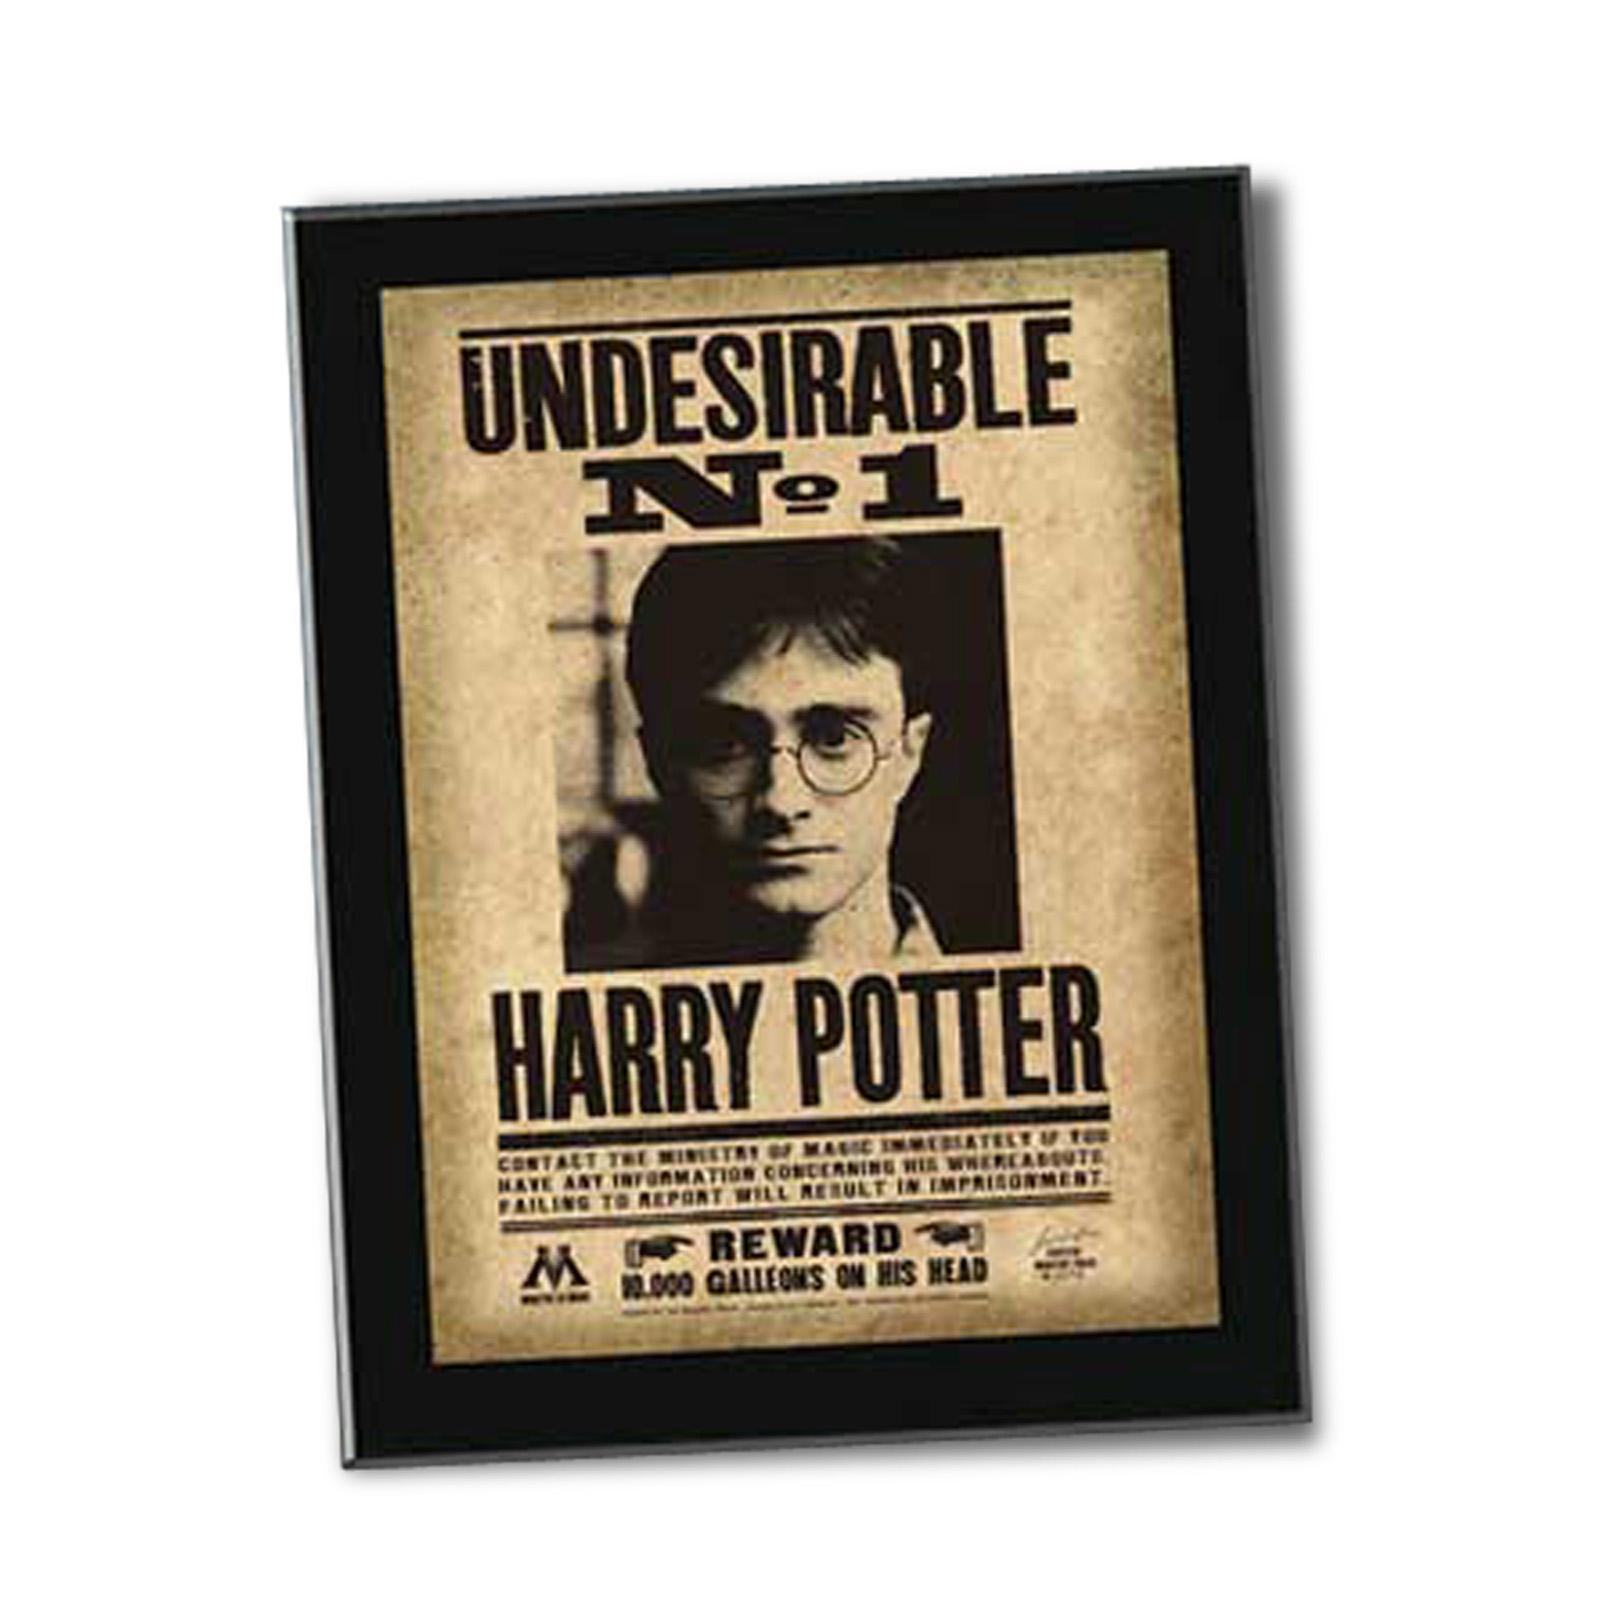 Harry Potter Steckbrief Undesirable No 1 Sign Noble Collection Exklusive Kostbarkeiten Kompromisslose Eleganz